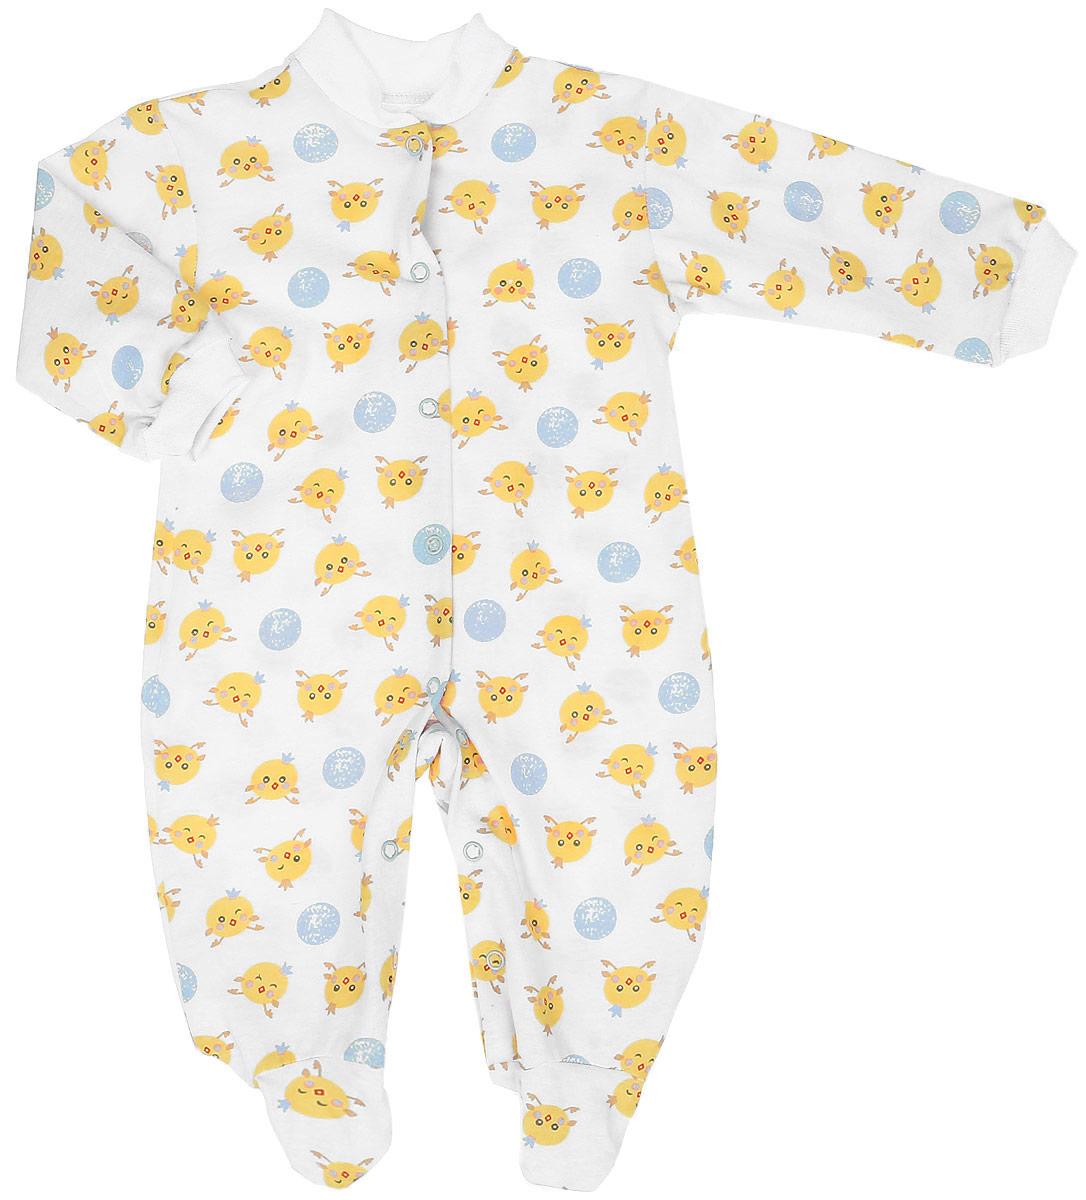 Комбинезон домашний5801Удобный детский комбинезон Чудесные одежки выполнен из натурального хлопка. Комбинезон с небольшим воротником-стойкой, длинными рукавами и закрытыми ножками имеет застежки-кнопки спереди и на ластовице, которые помогают легко переодеть младенца или сменить подгузник. Воротничок и манжеты на рукавах выполнены из трикотажной эластичной резинки. Изделие оформлено принтом с изображением цыплят.